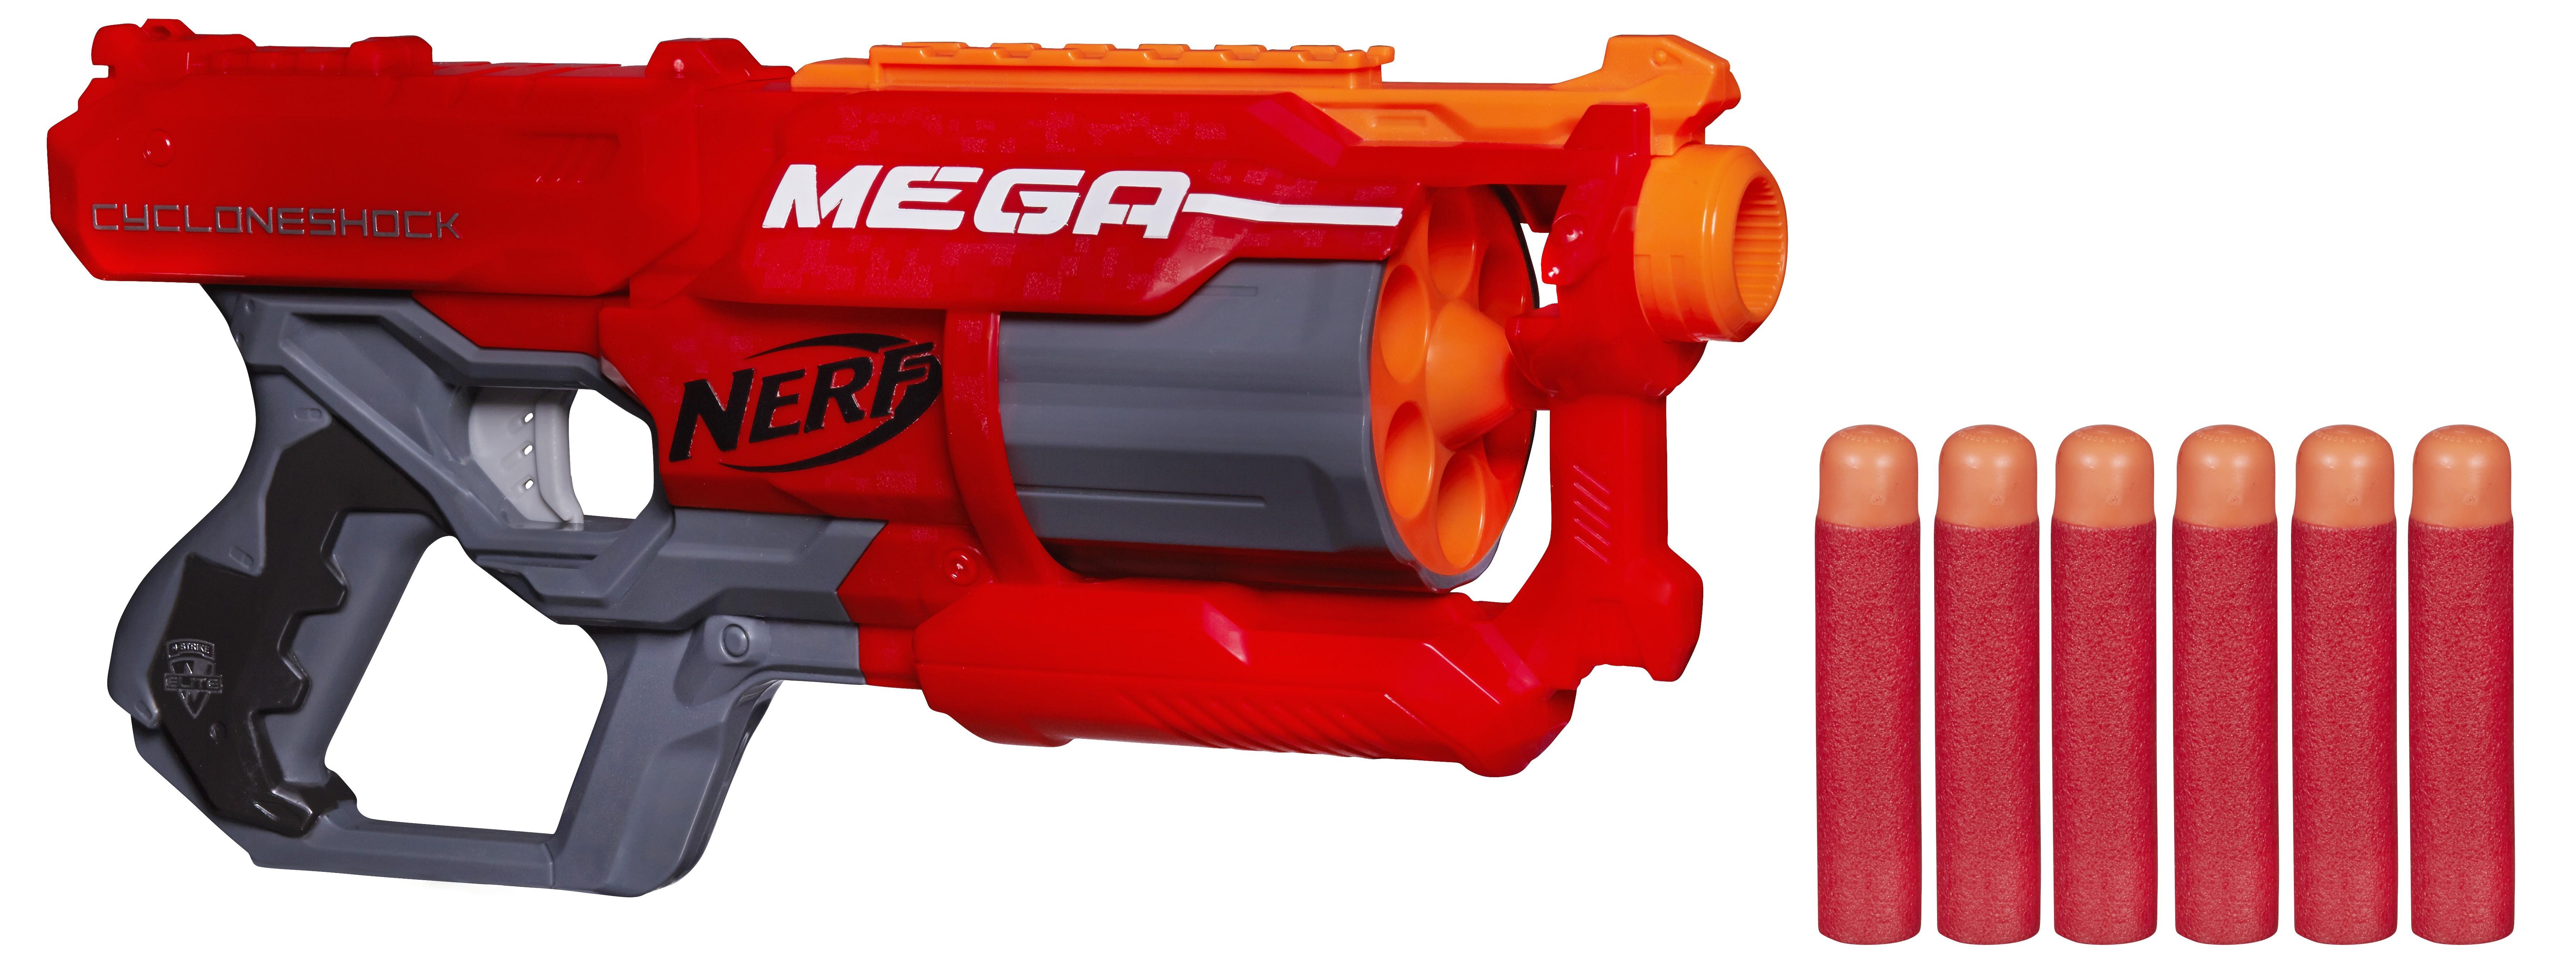 Бластеры NERF Мега Циклон-шок hasbro бластер циклон шок мега nerf